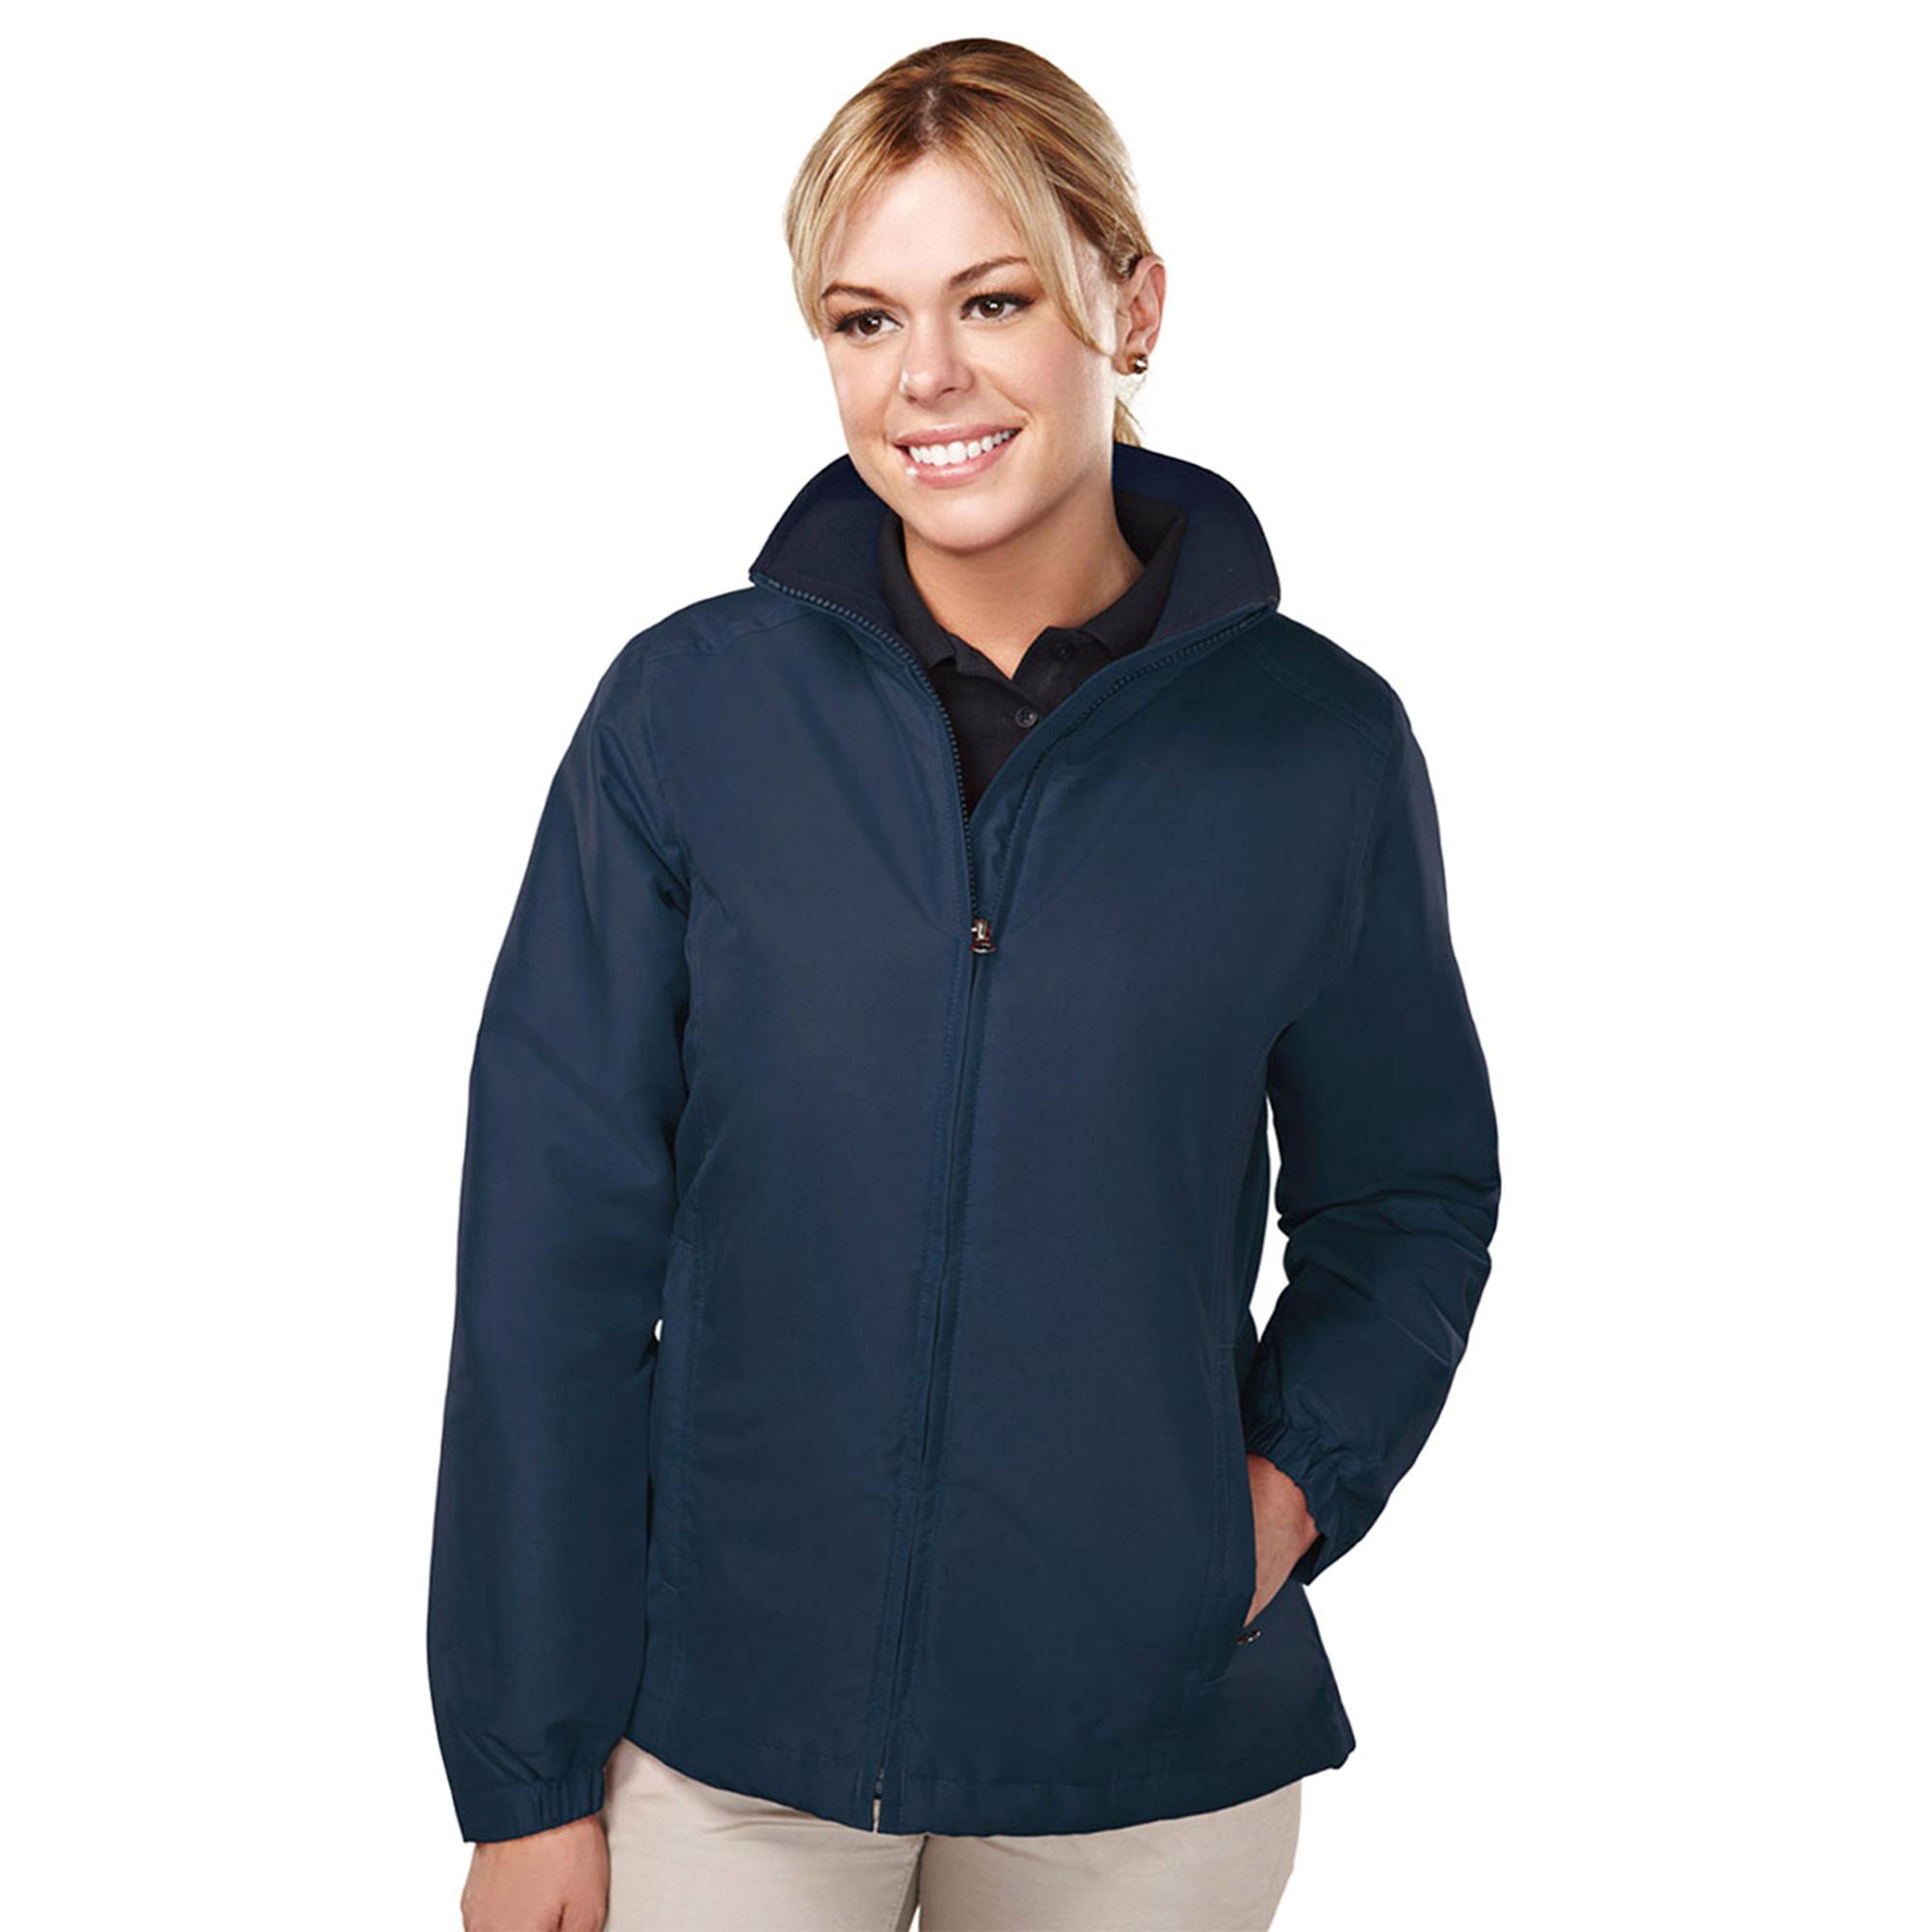 Tri-Mountain Women's Three Season Shell Jacket